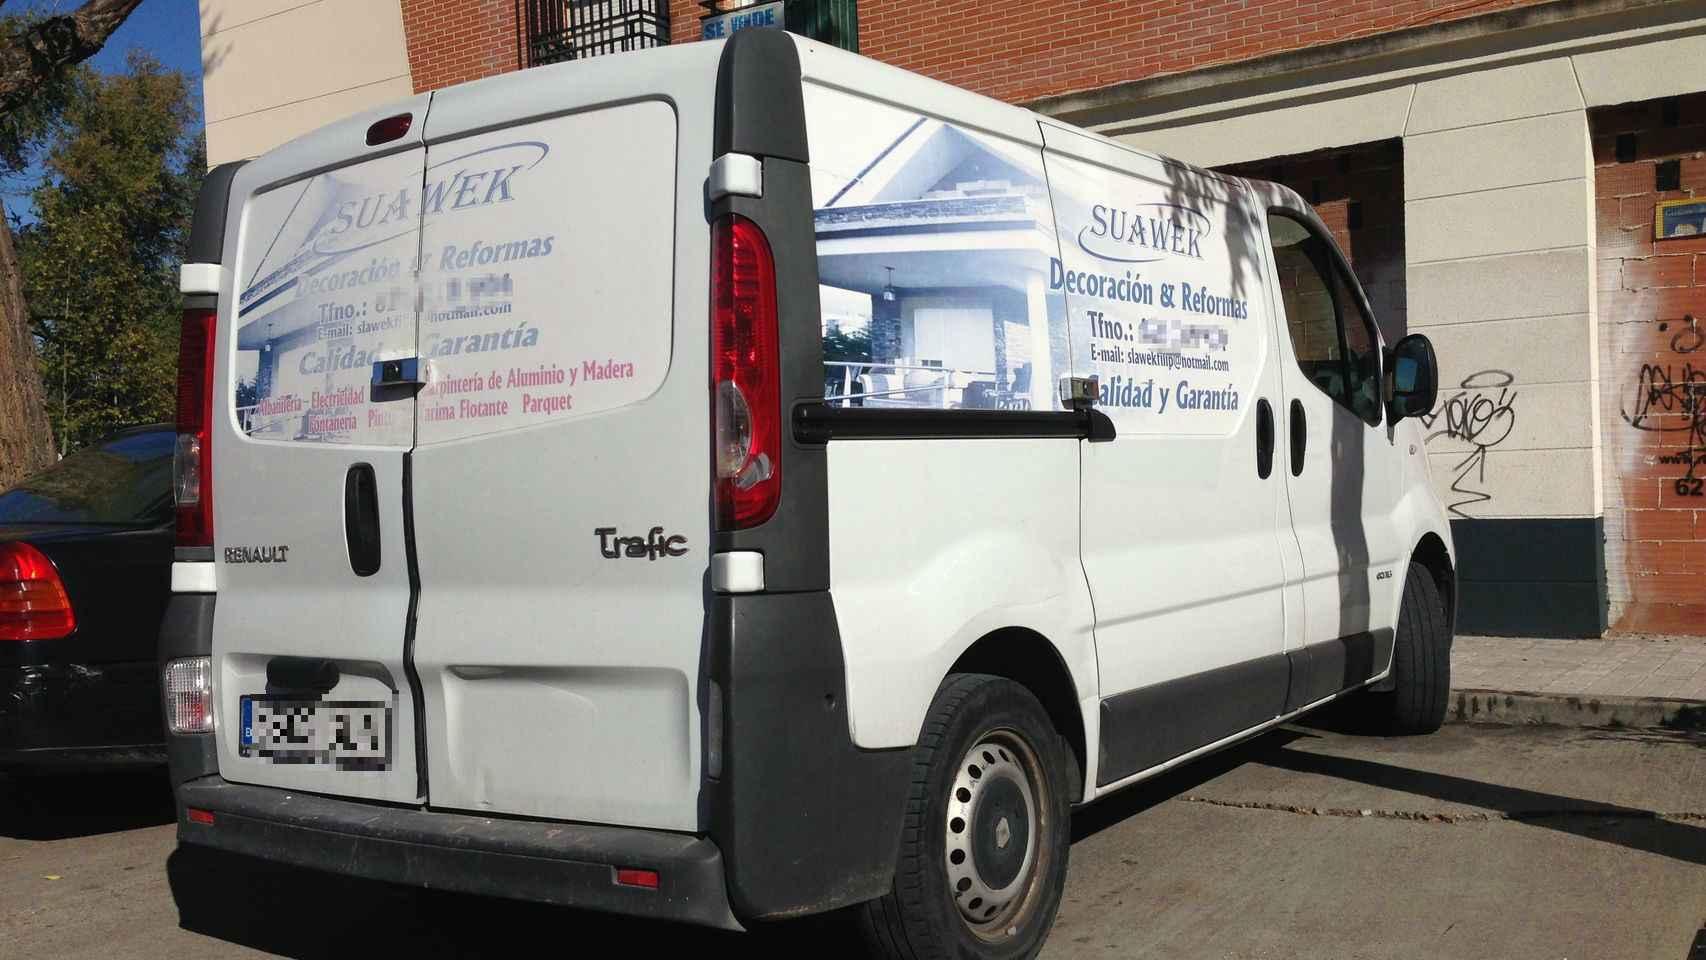 Slawomir, el padre de Laura, tiene una empresa de reformas y decoración. Su furgoneta de trabajo seguía aparcada este martes en la calle trasera de su casa. A.L.